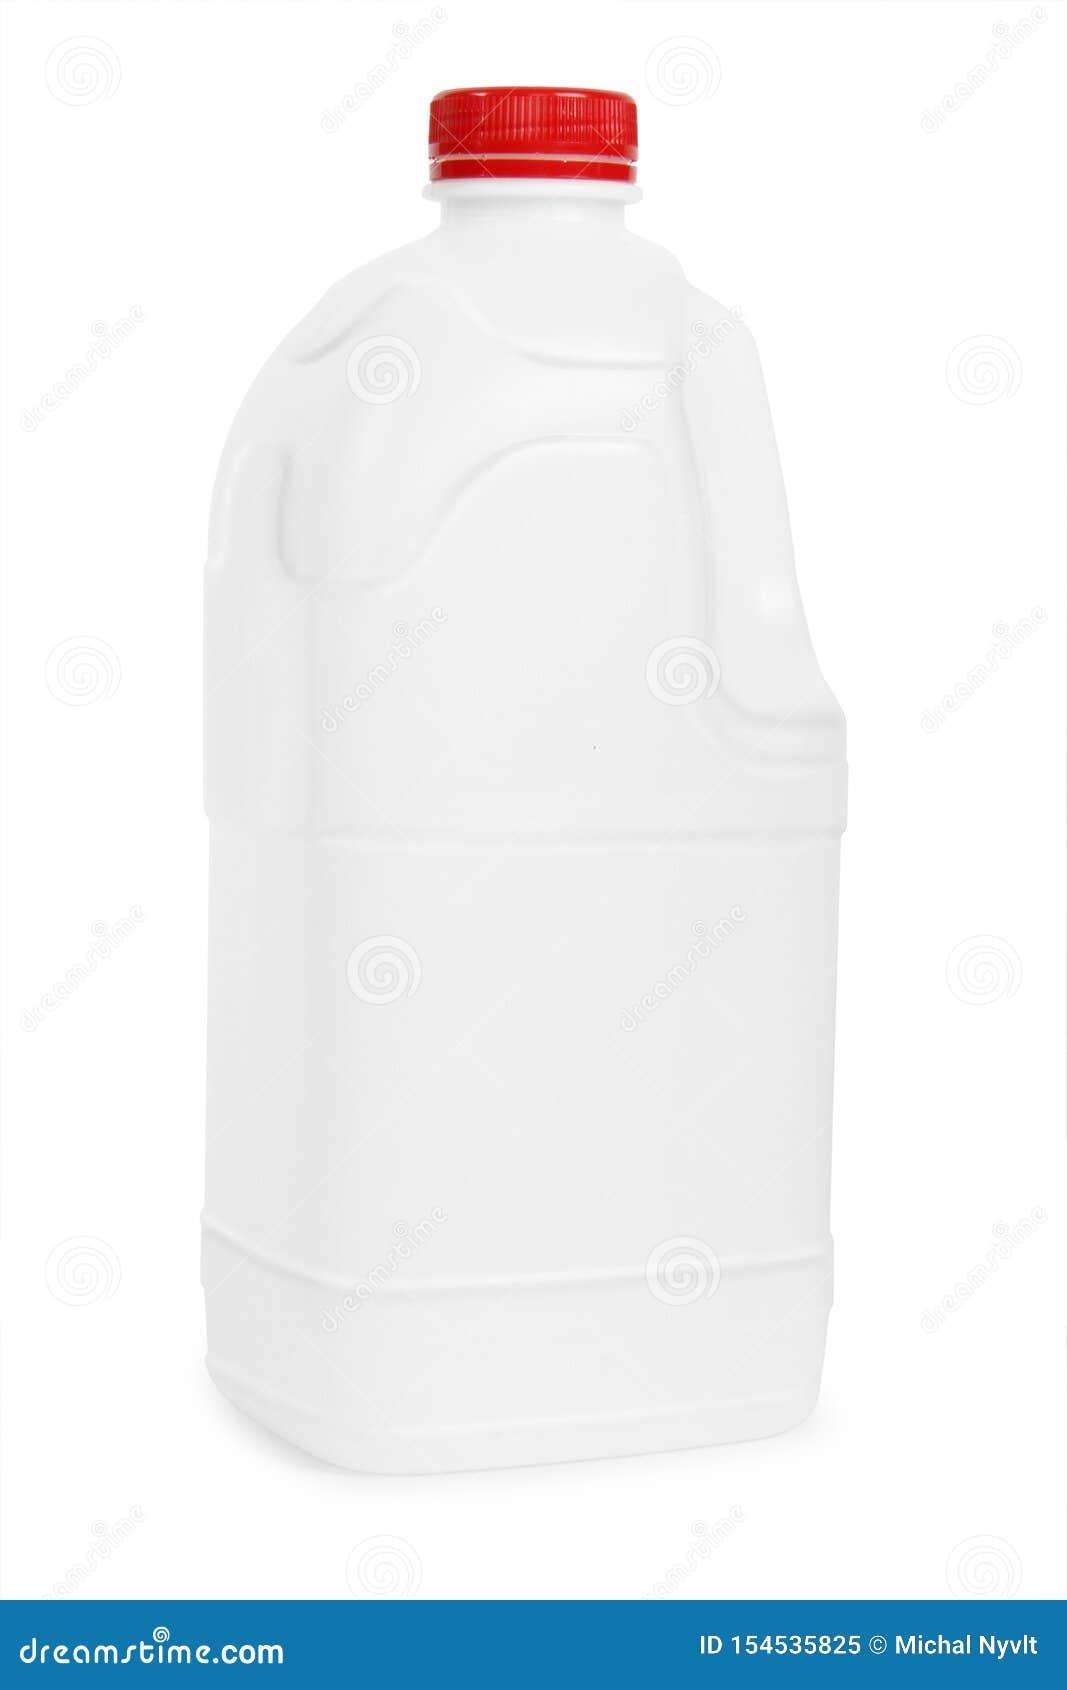 Transparent plastic gallon